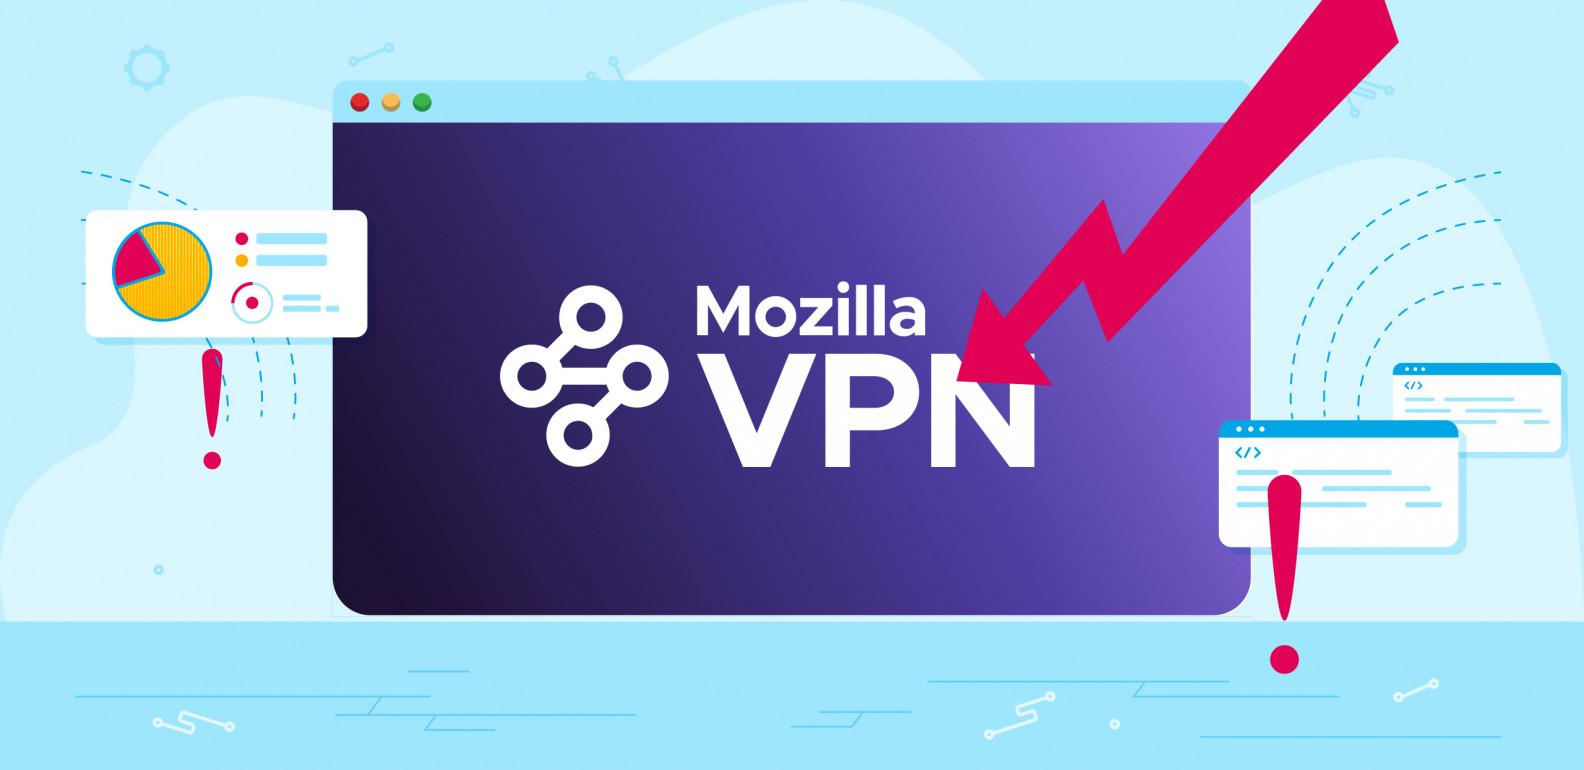 Audit finds major security flaw in Mozilla VPN